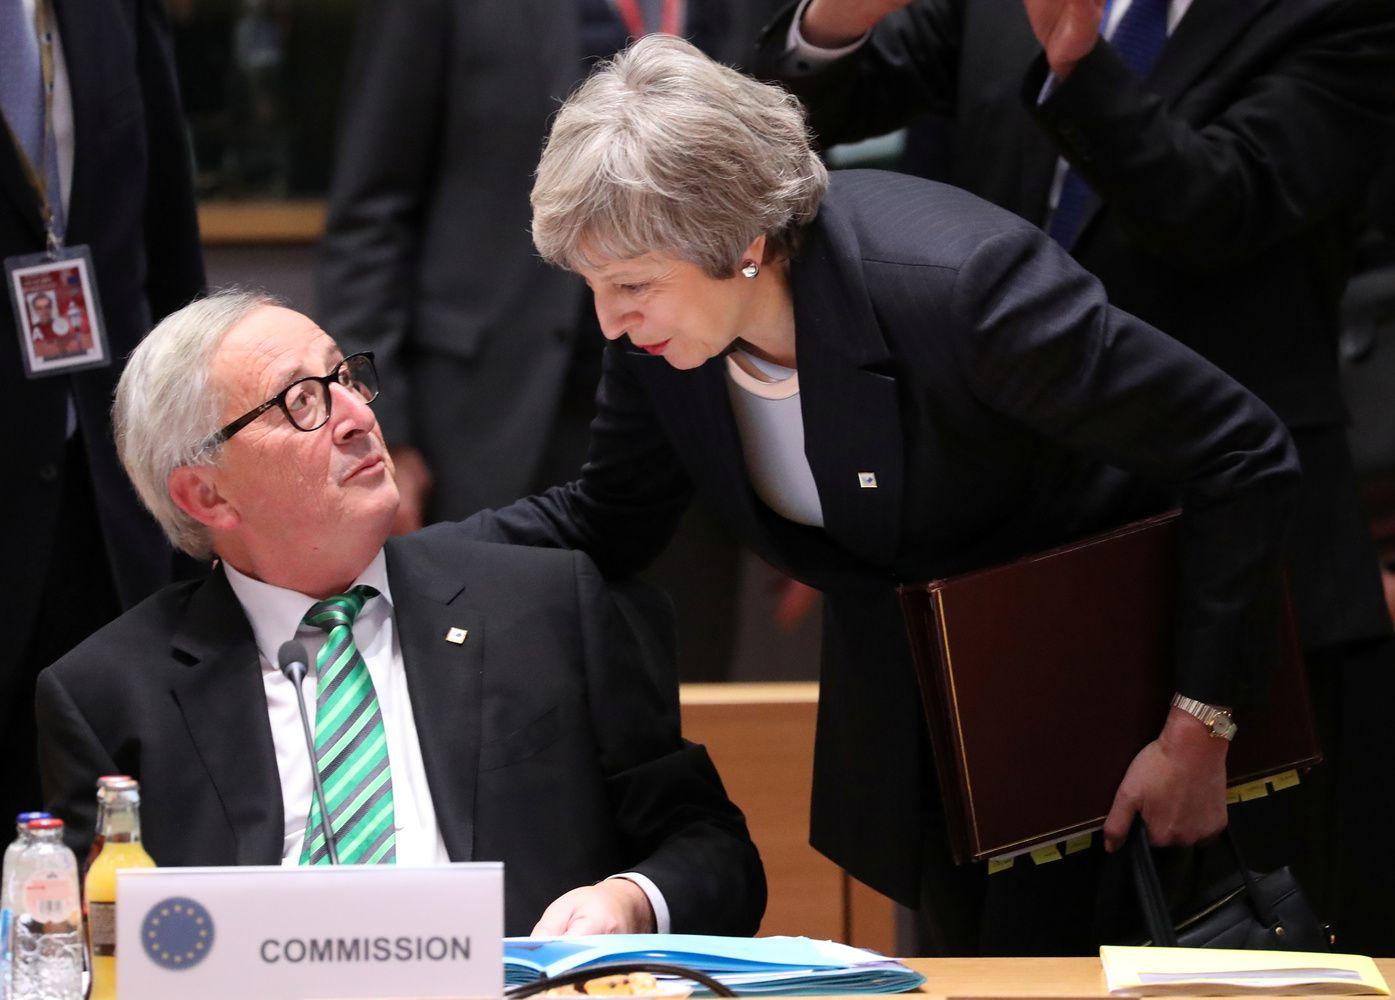 Po laimėtos kovos Th. May prašo Briuselio pagalbos rankos